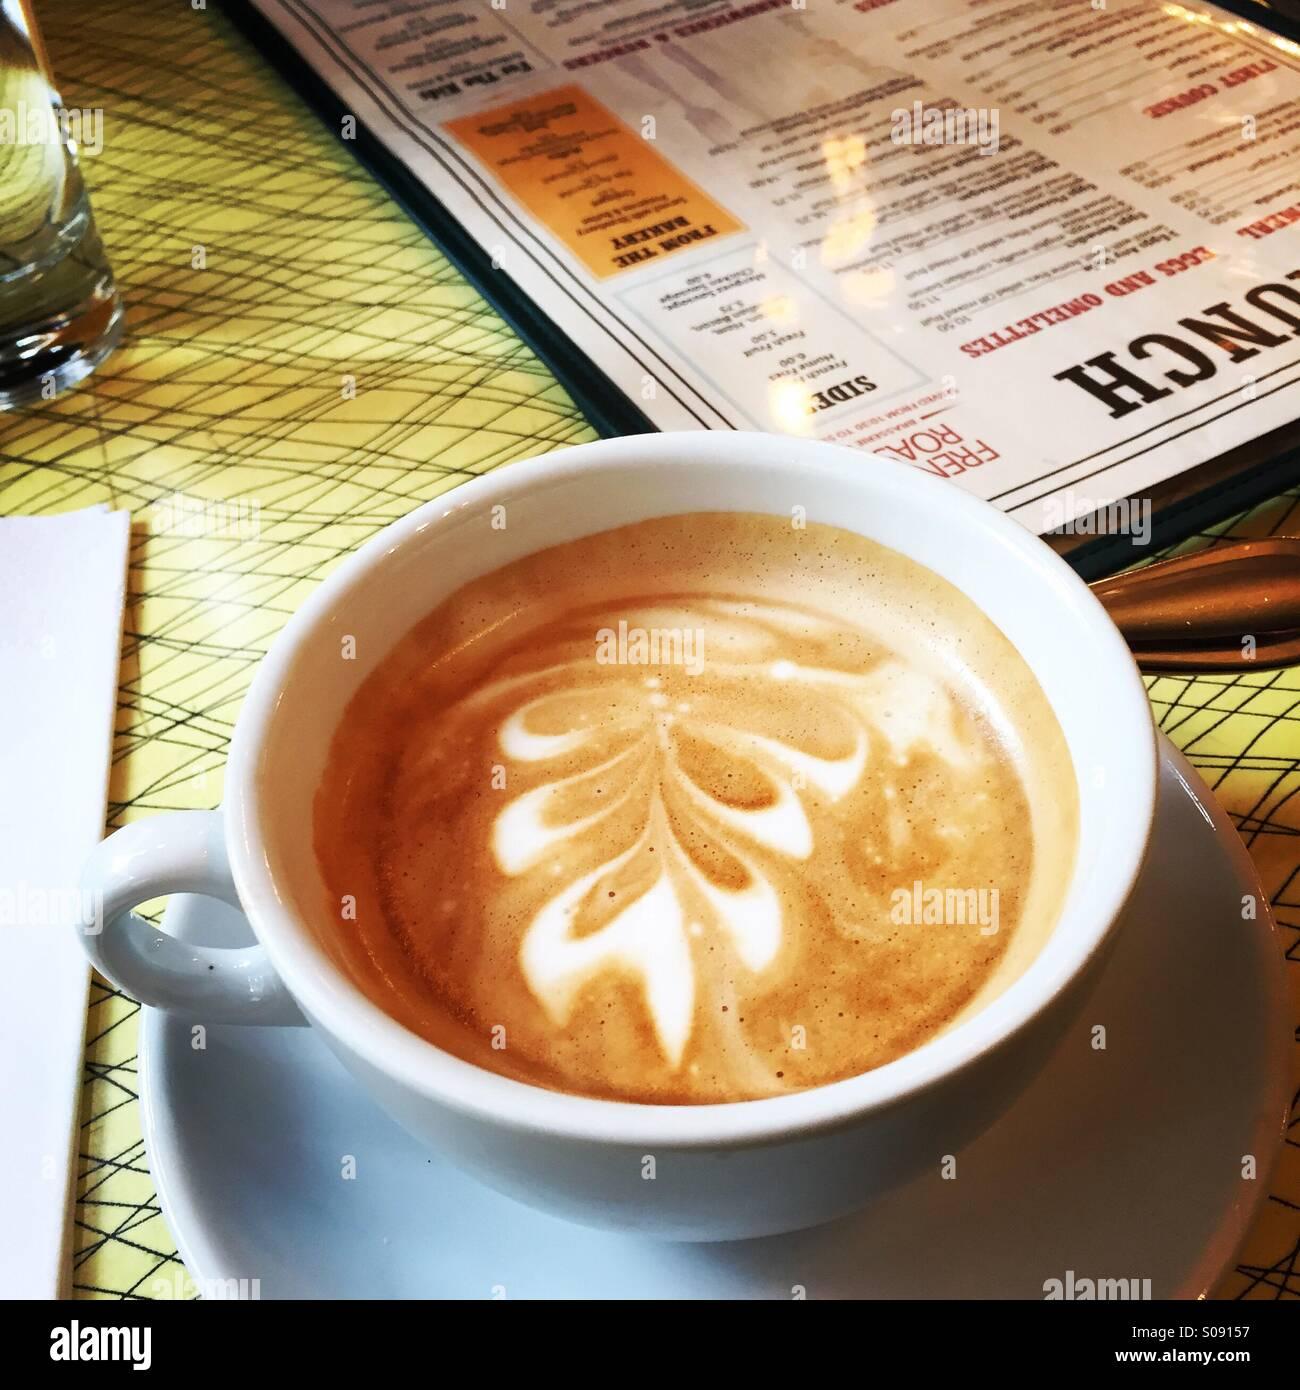 28acc60b3e4 Cup French Coffee Fancy Foam Stock Photos & Cup French Coffee Fancy ...